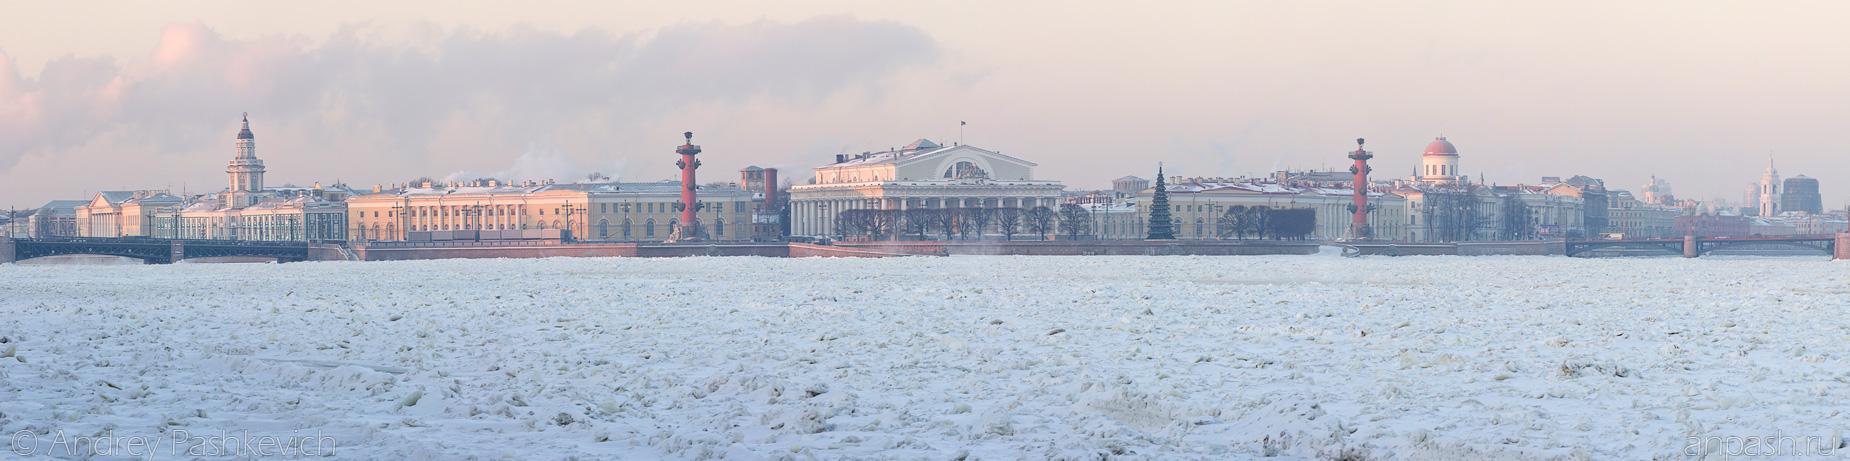 Красивые и необычные панорамные фотографии Санкт-Петербурга 1